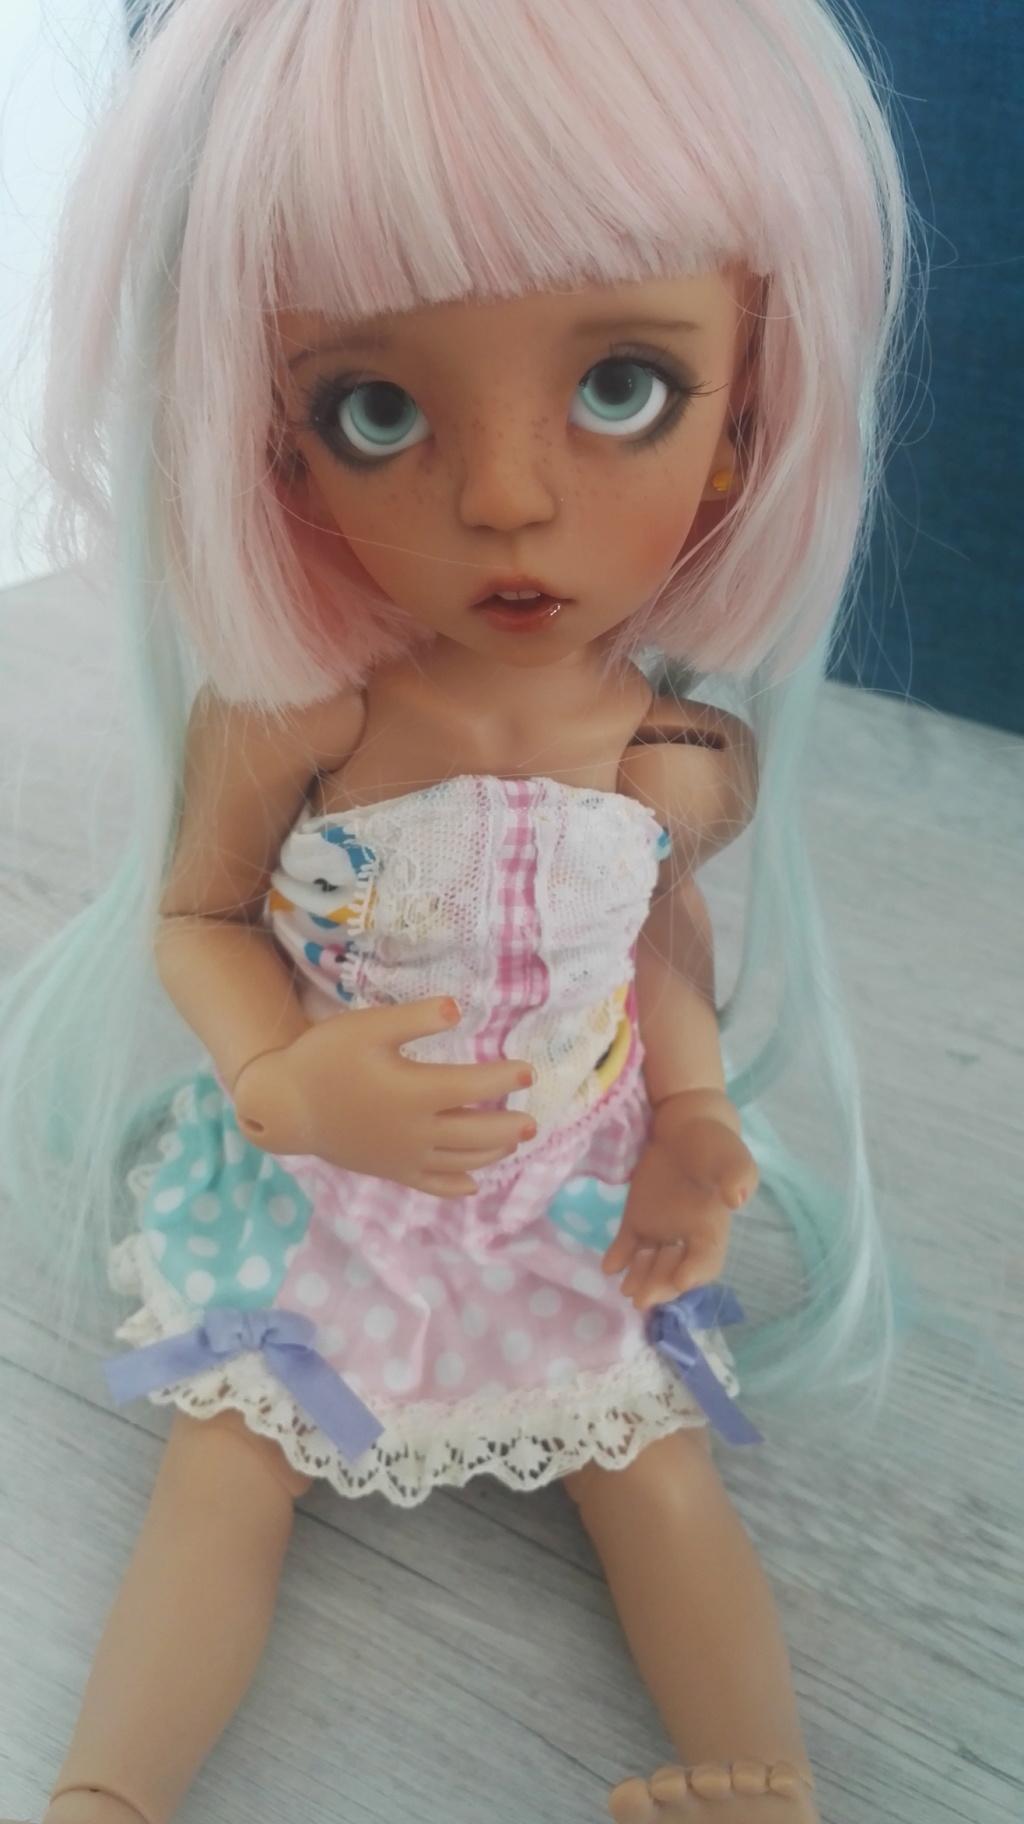 [vente] Noble dolls Reglisse-Mr Quenotte - Lati &+++ Img_2020